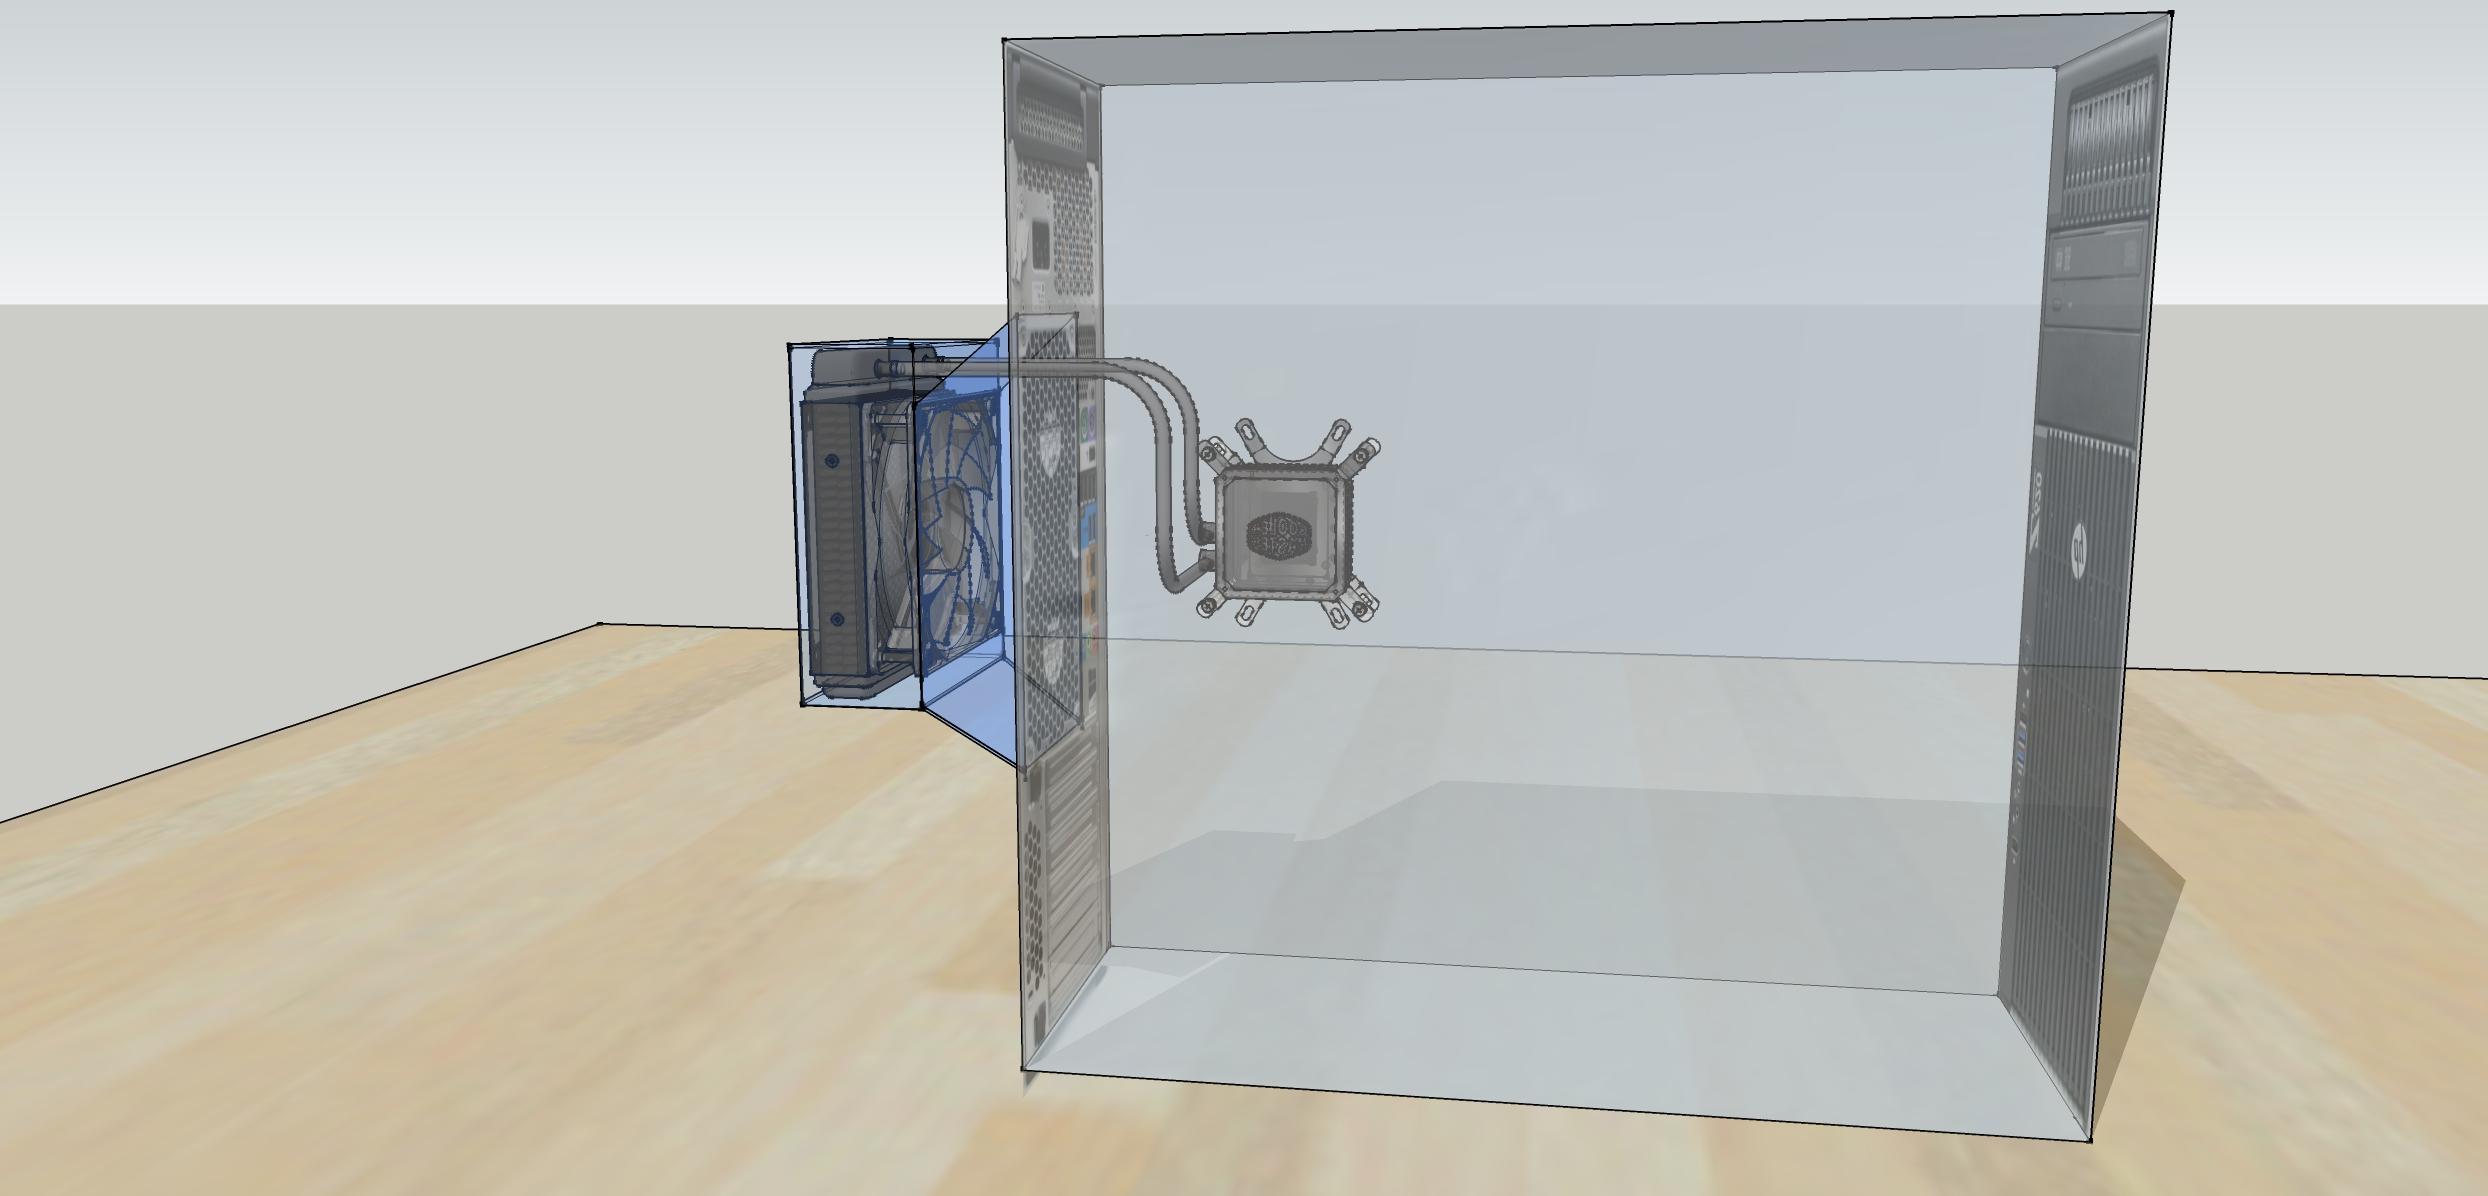 z620 Liquid Cooling_LR_6.25.17.jpg